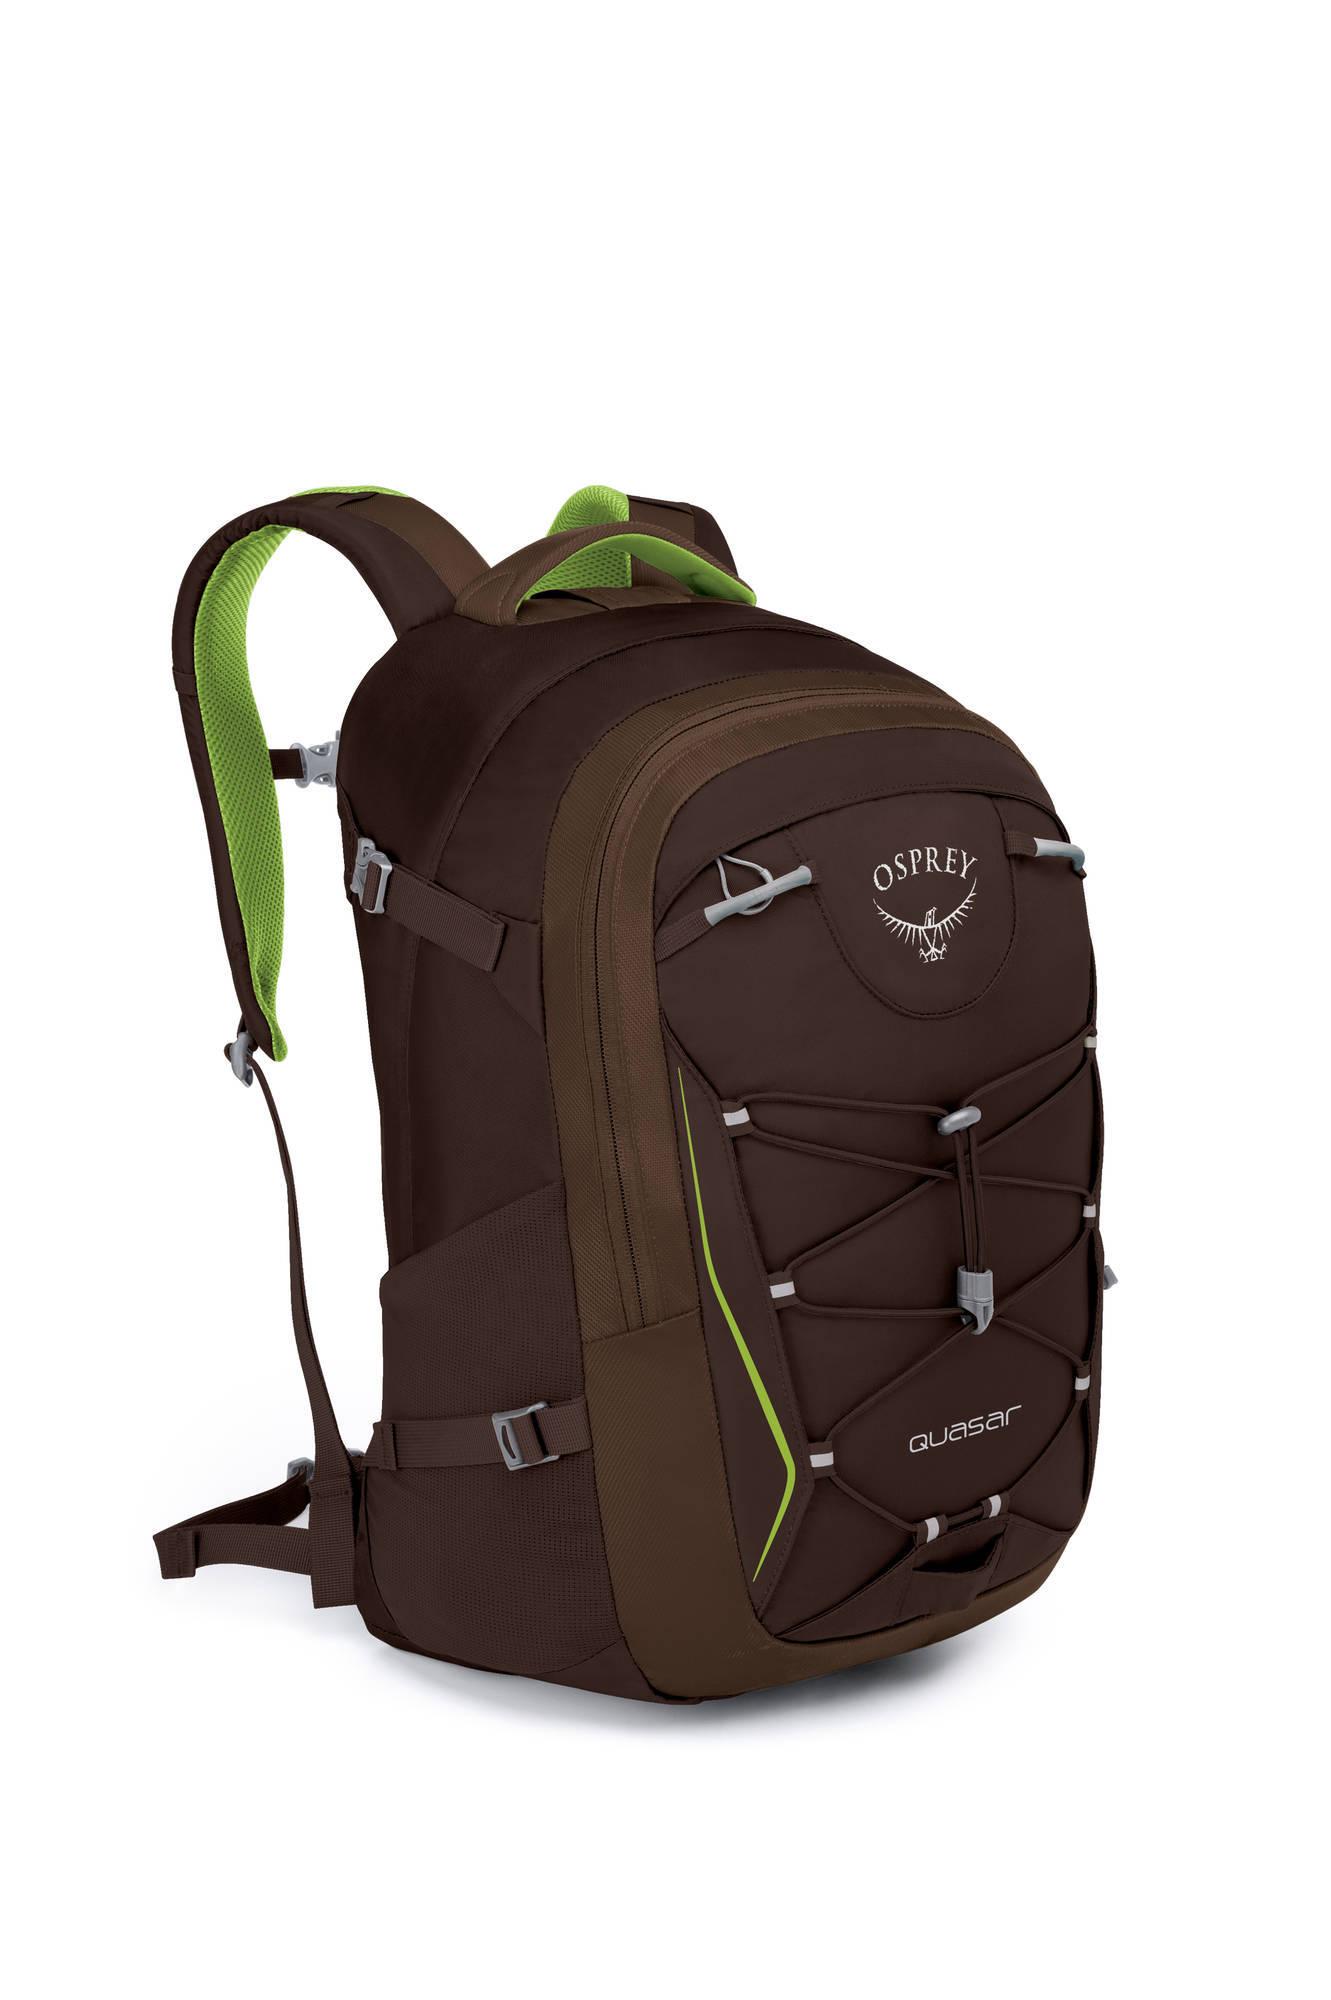 Городские рюкзаки Рюкзак Osprey Quasar 28 Komodo Green Quasar_28_Side_Komodo_Green_web.jpg